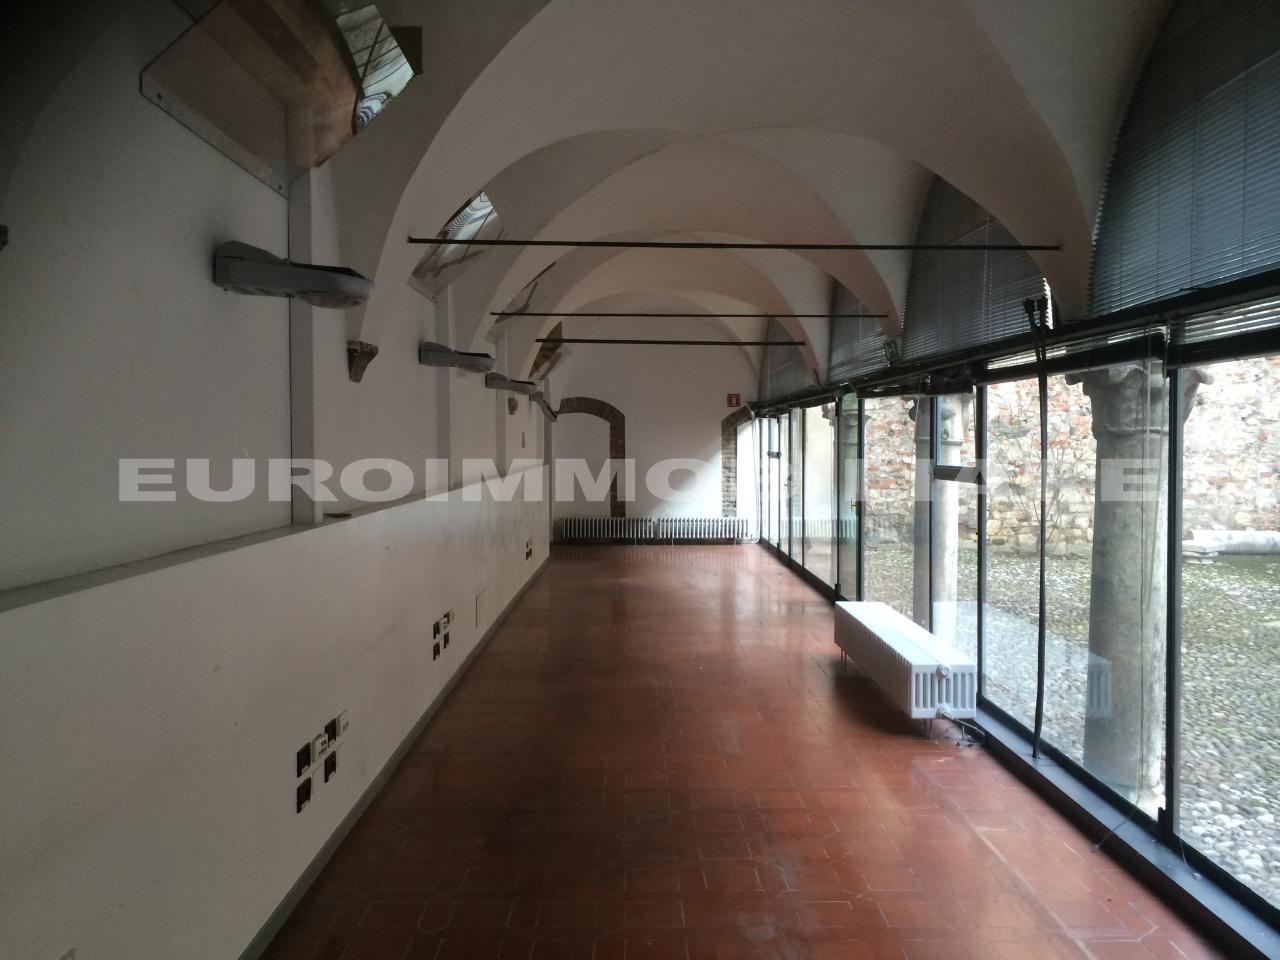 Ufficio / Studio in affitto a Brescia, 4 locali, prezzo € 2.200 | CambioCasa.it